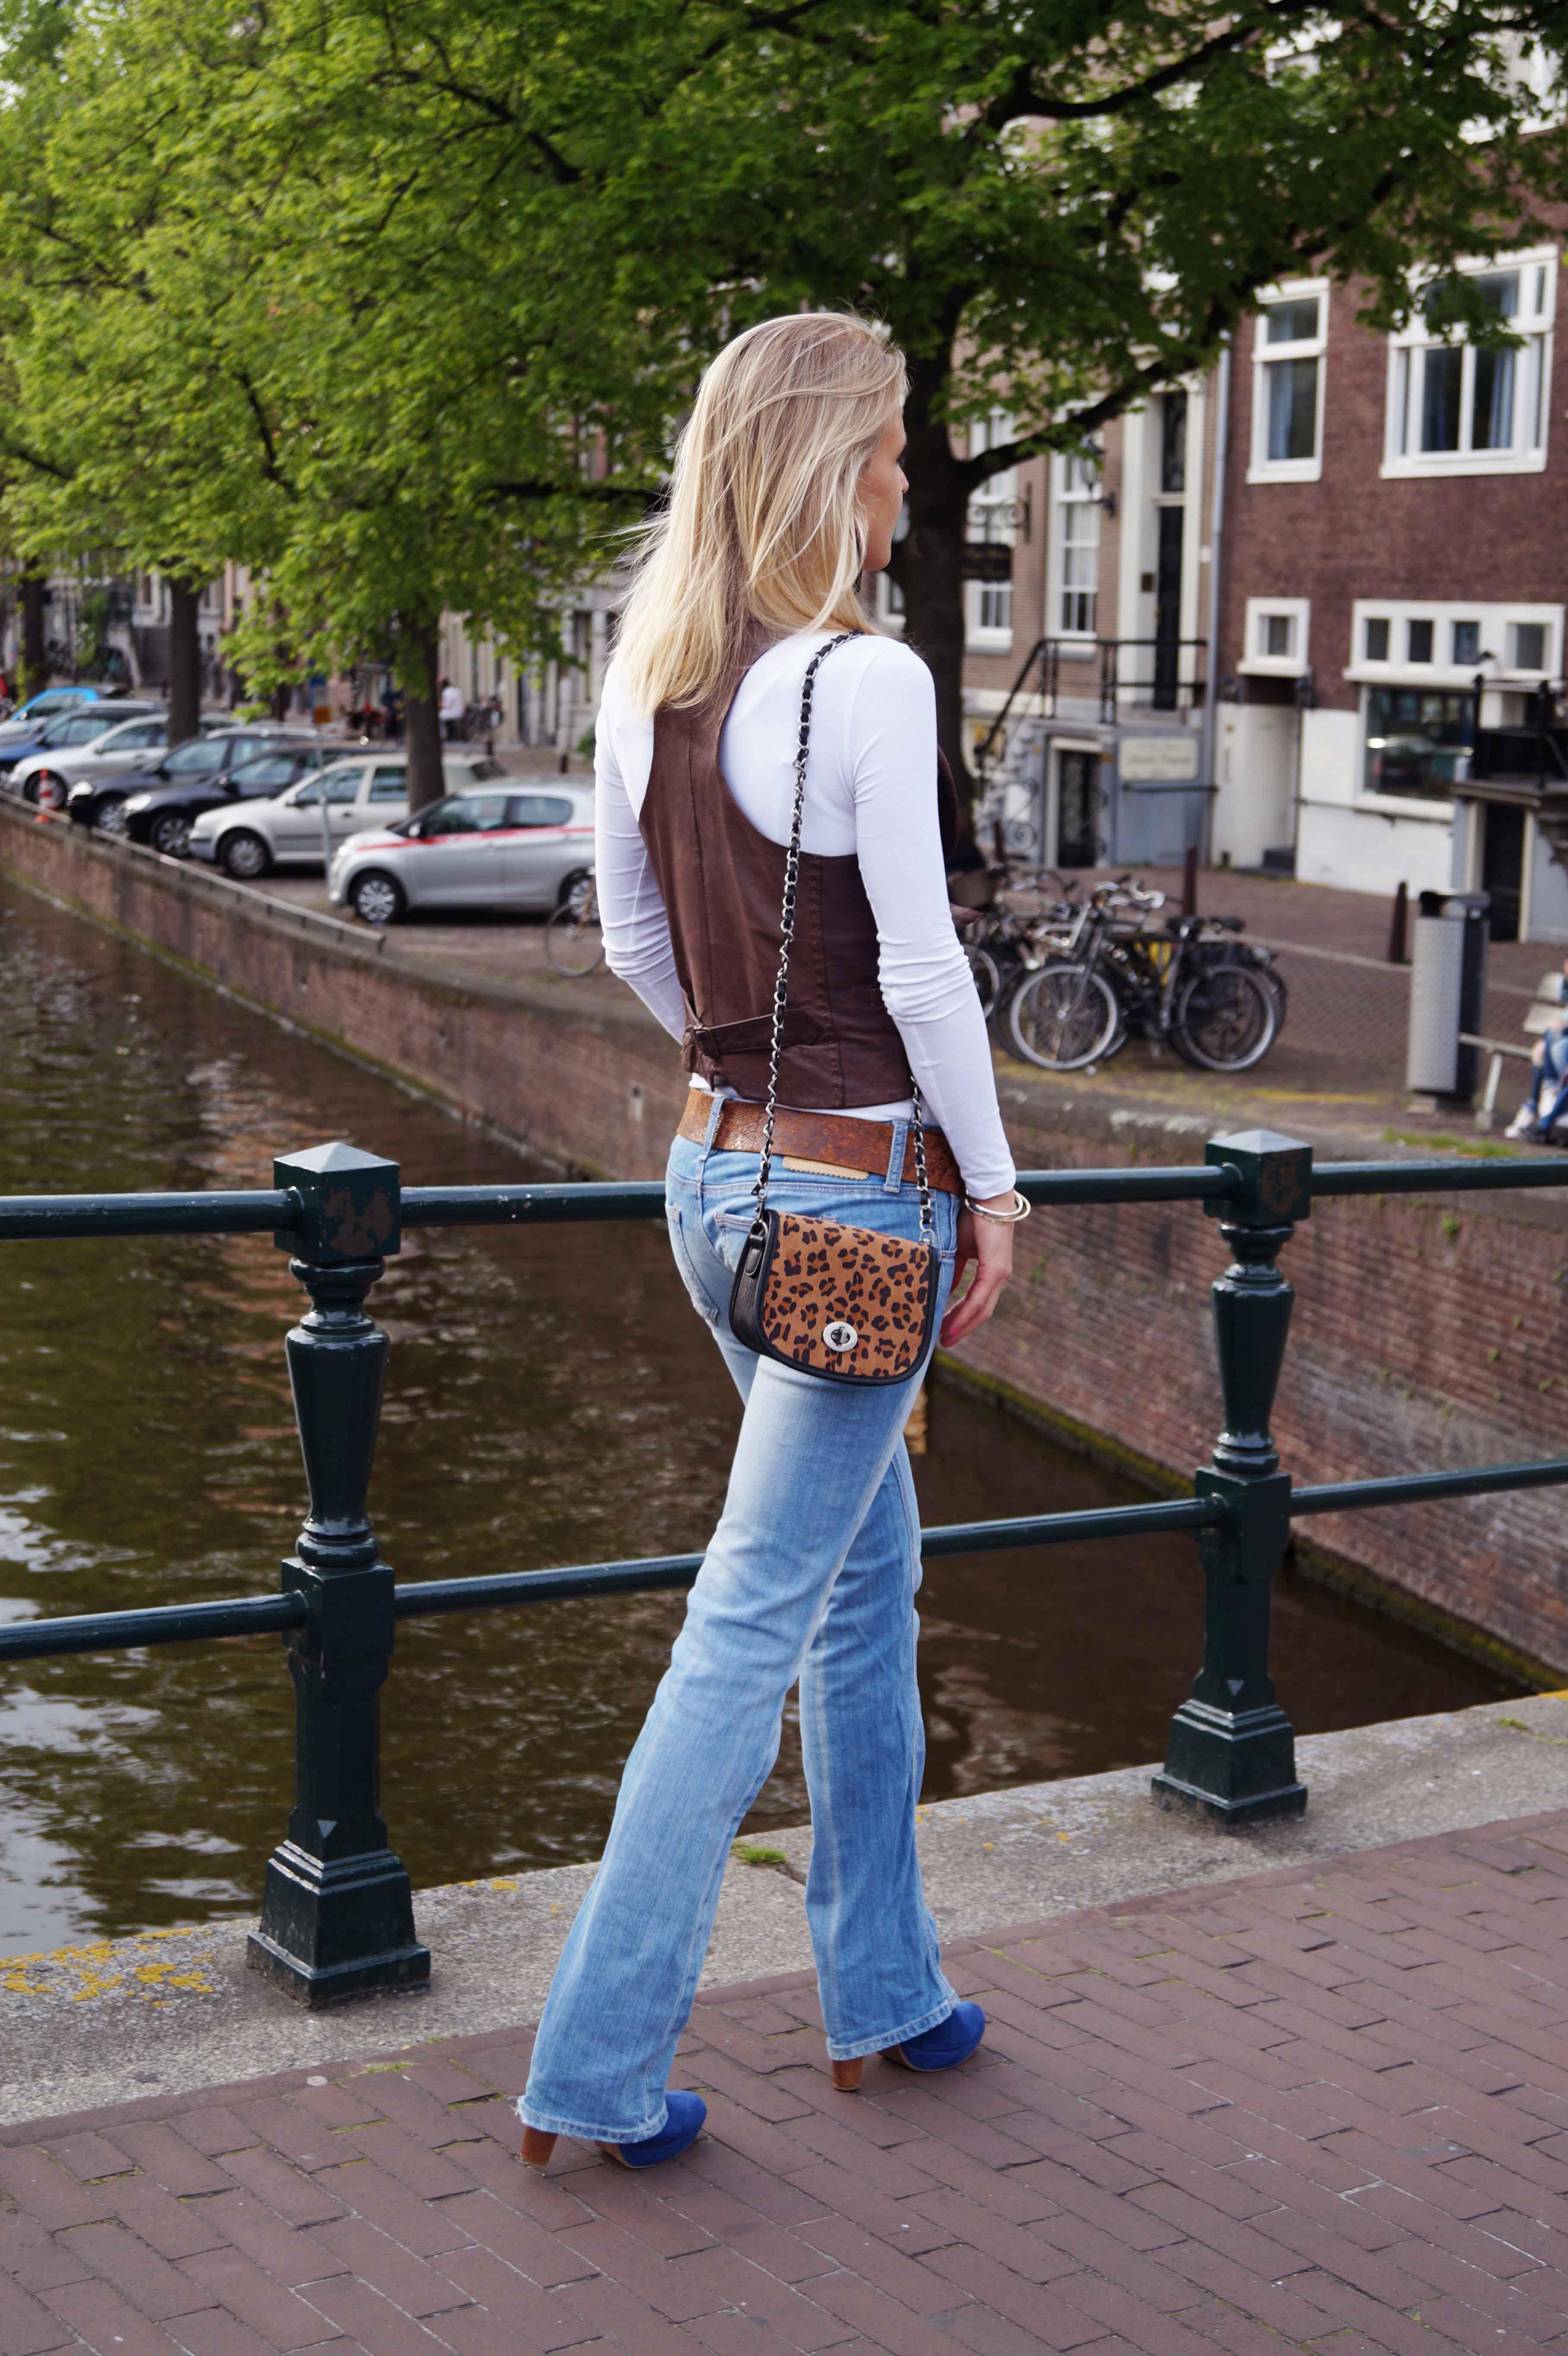 Bag at You - Fashion Blog - Leopard bag jeans leather gilet blue heels